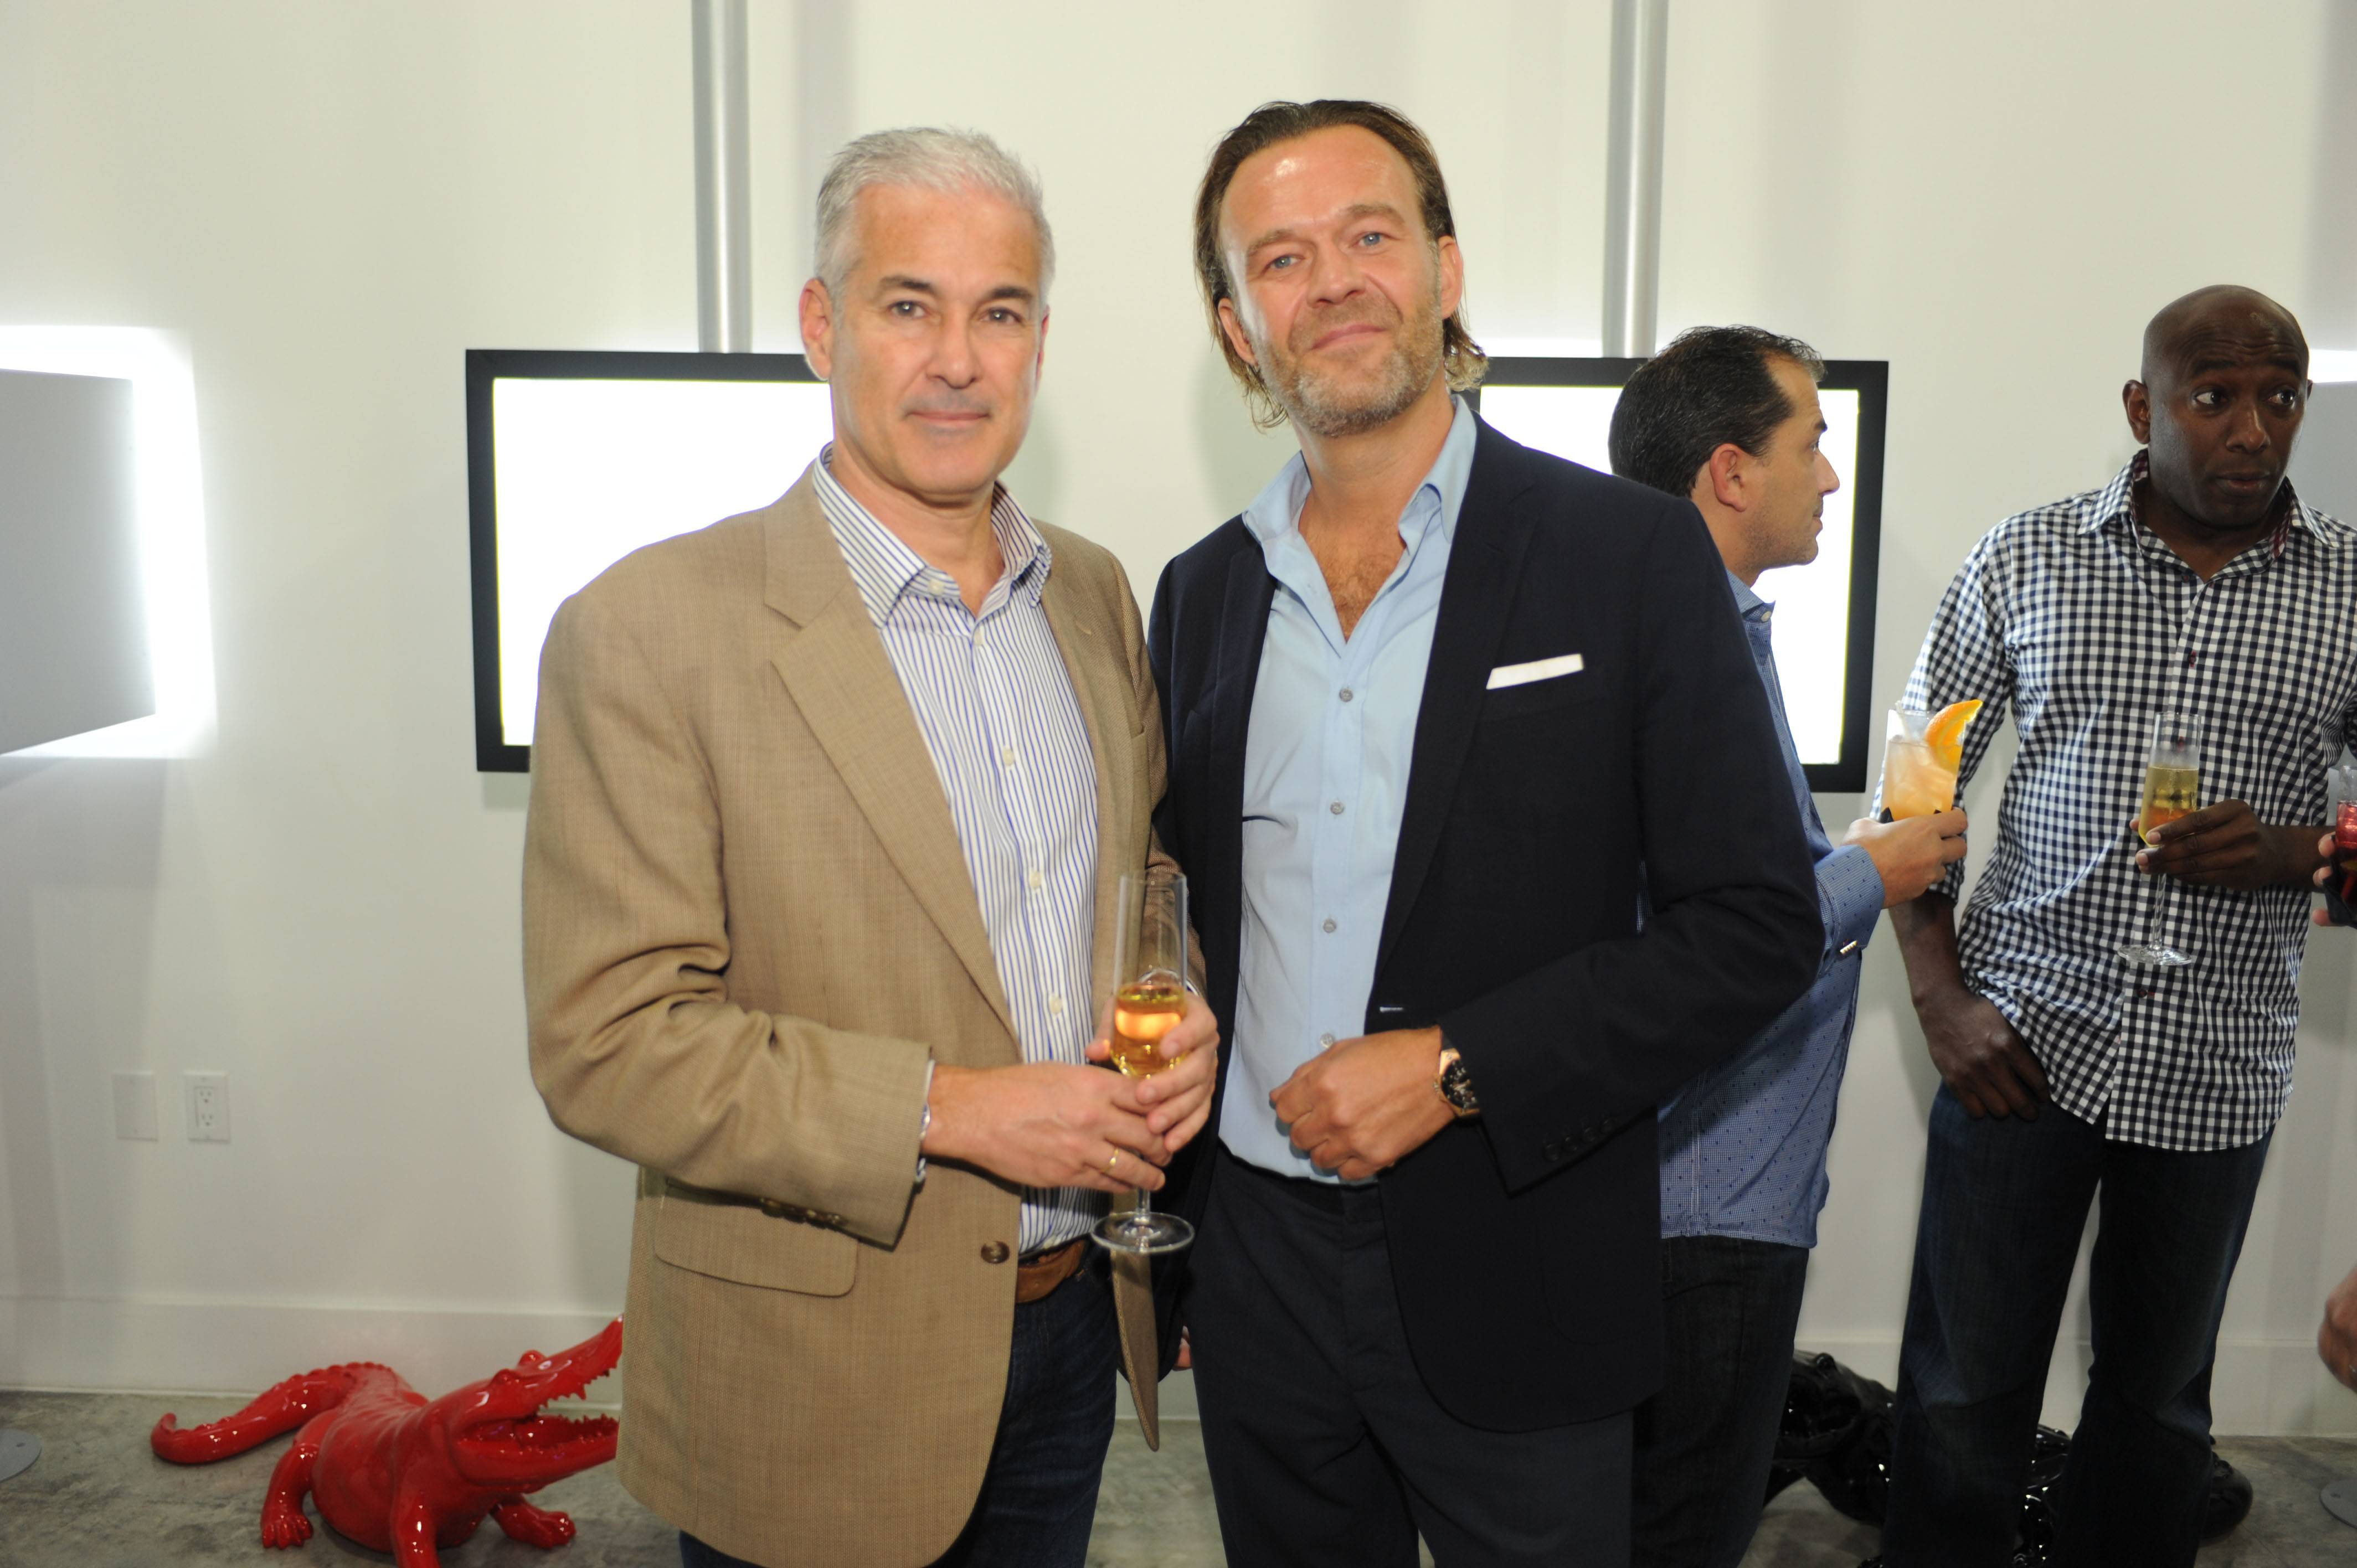 Mauro Nannini & Jorn Werderlin